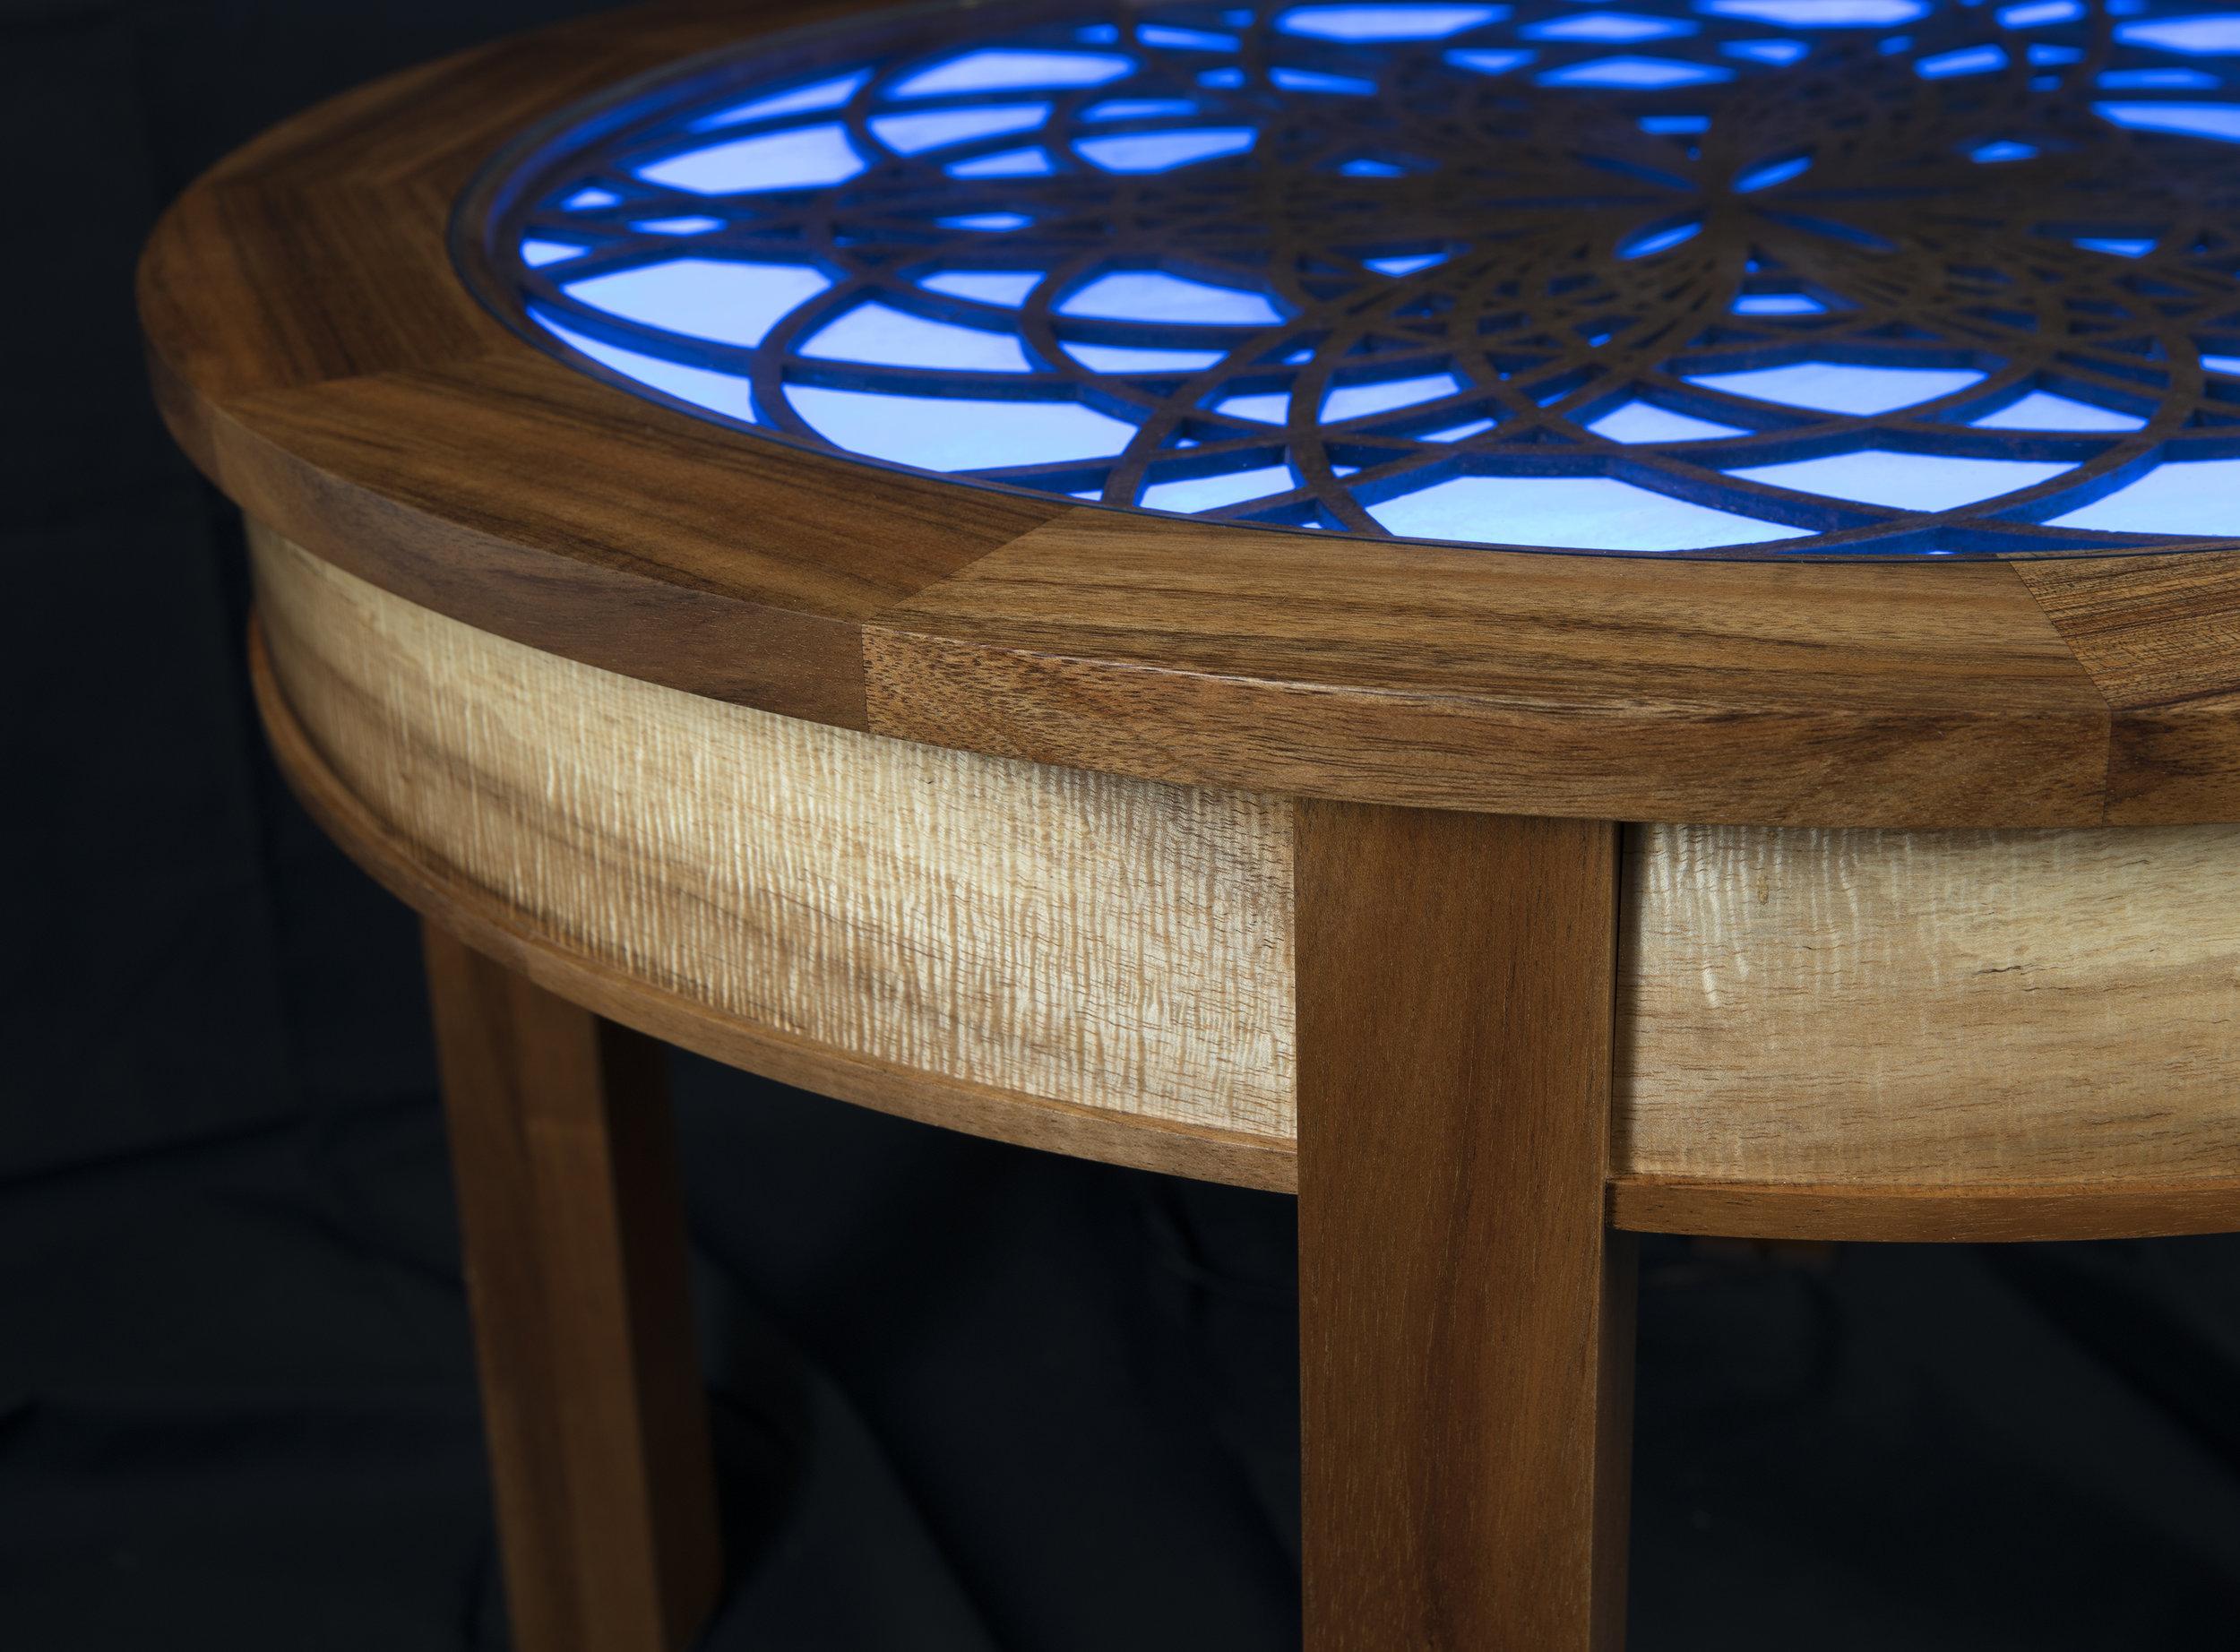 tabledetail2.jpg